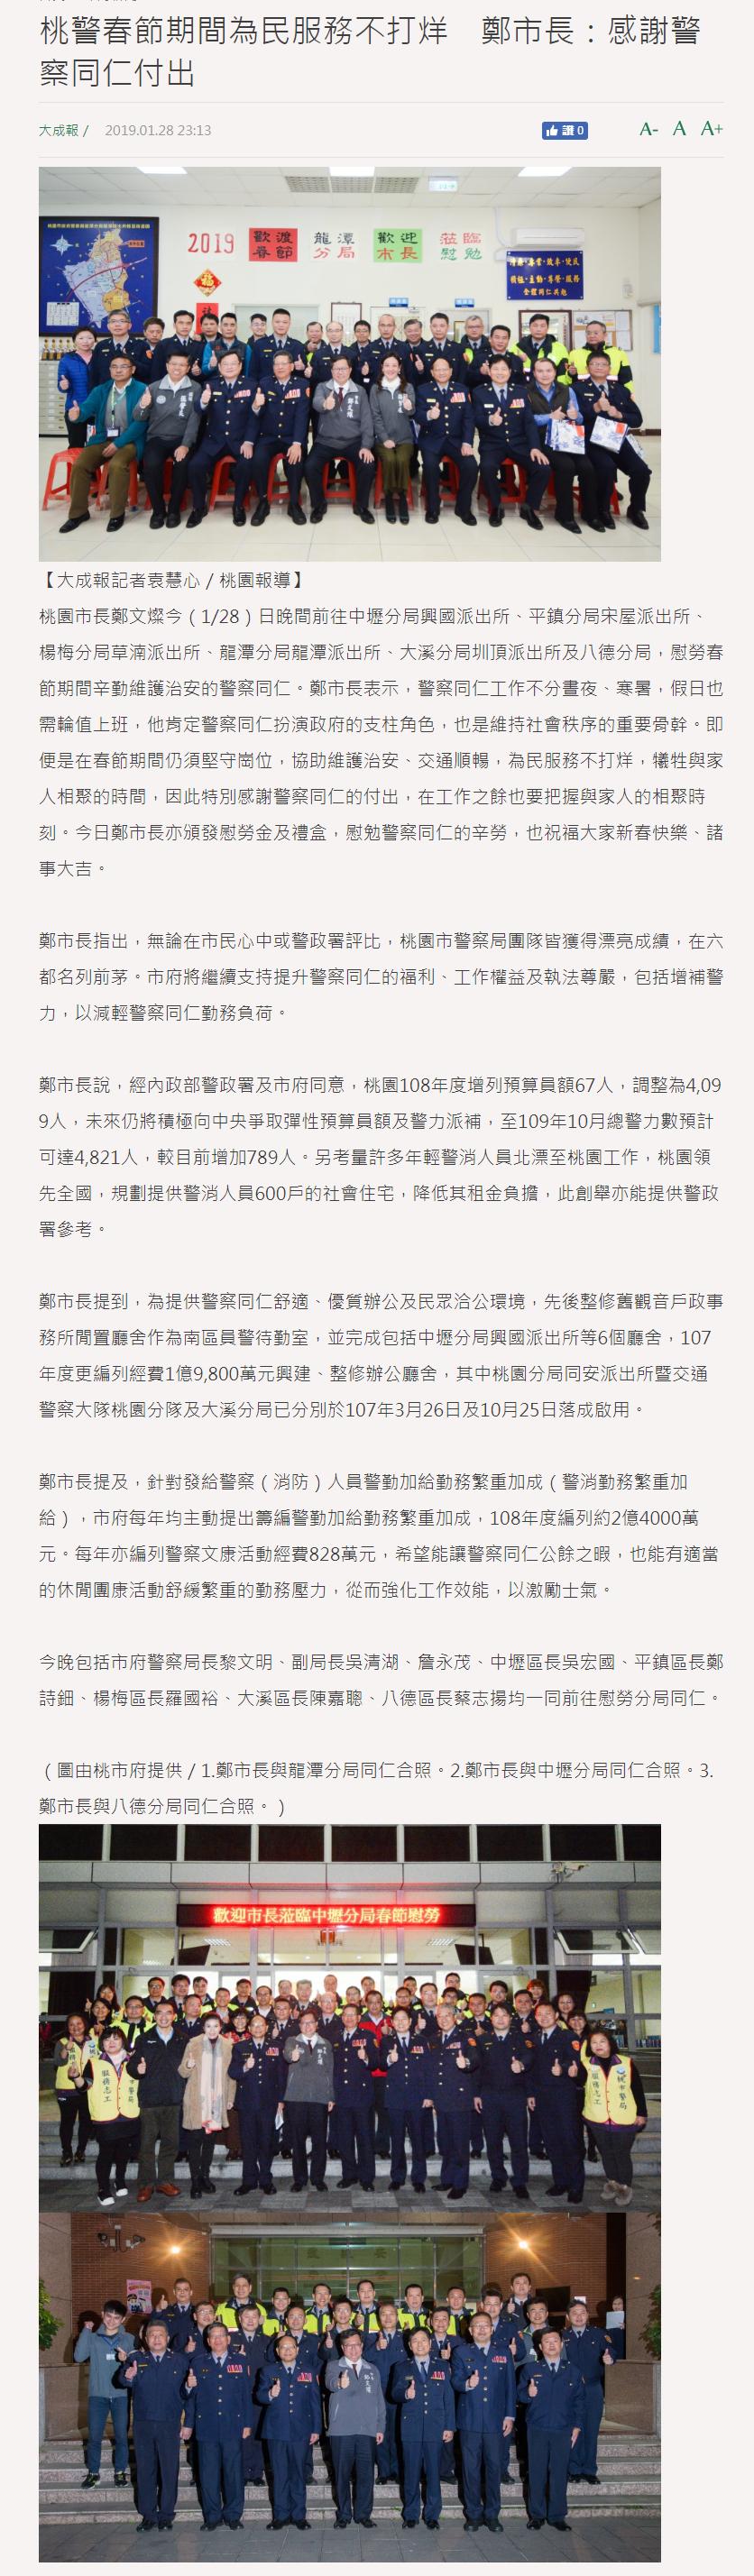 桃警春節期間為民服務不打烊 鄭市長:感謝警察同仁付出